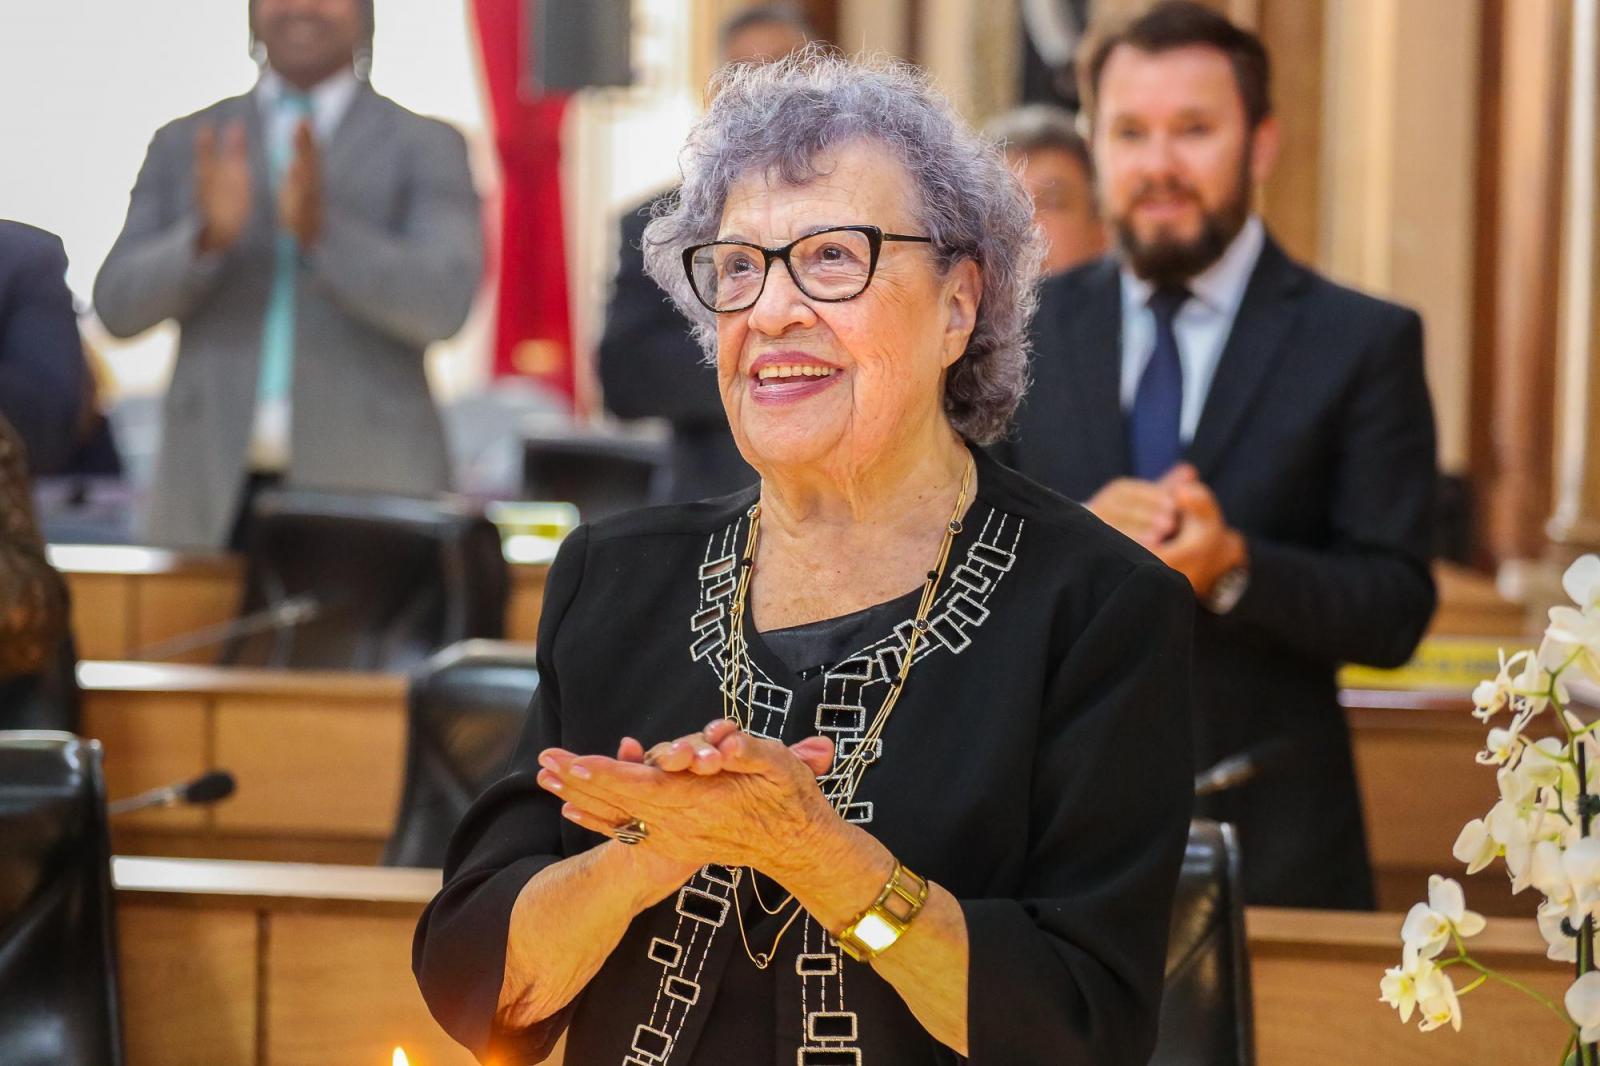 Câmara Municipal de Curitiba lamenta falecimento de Dona Lourdes